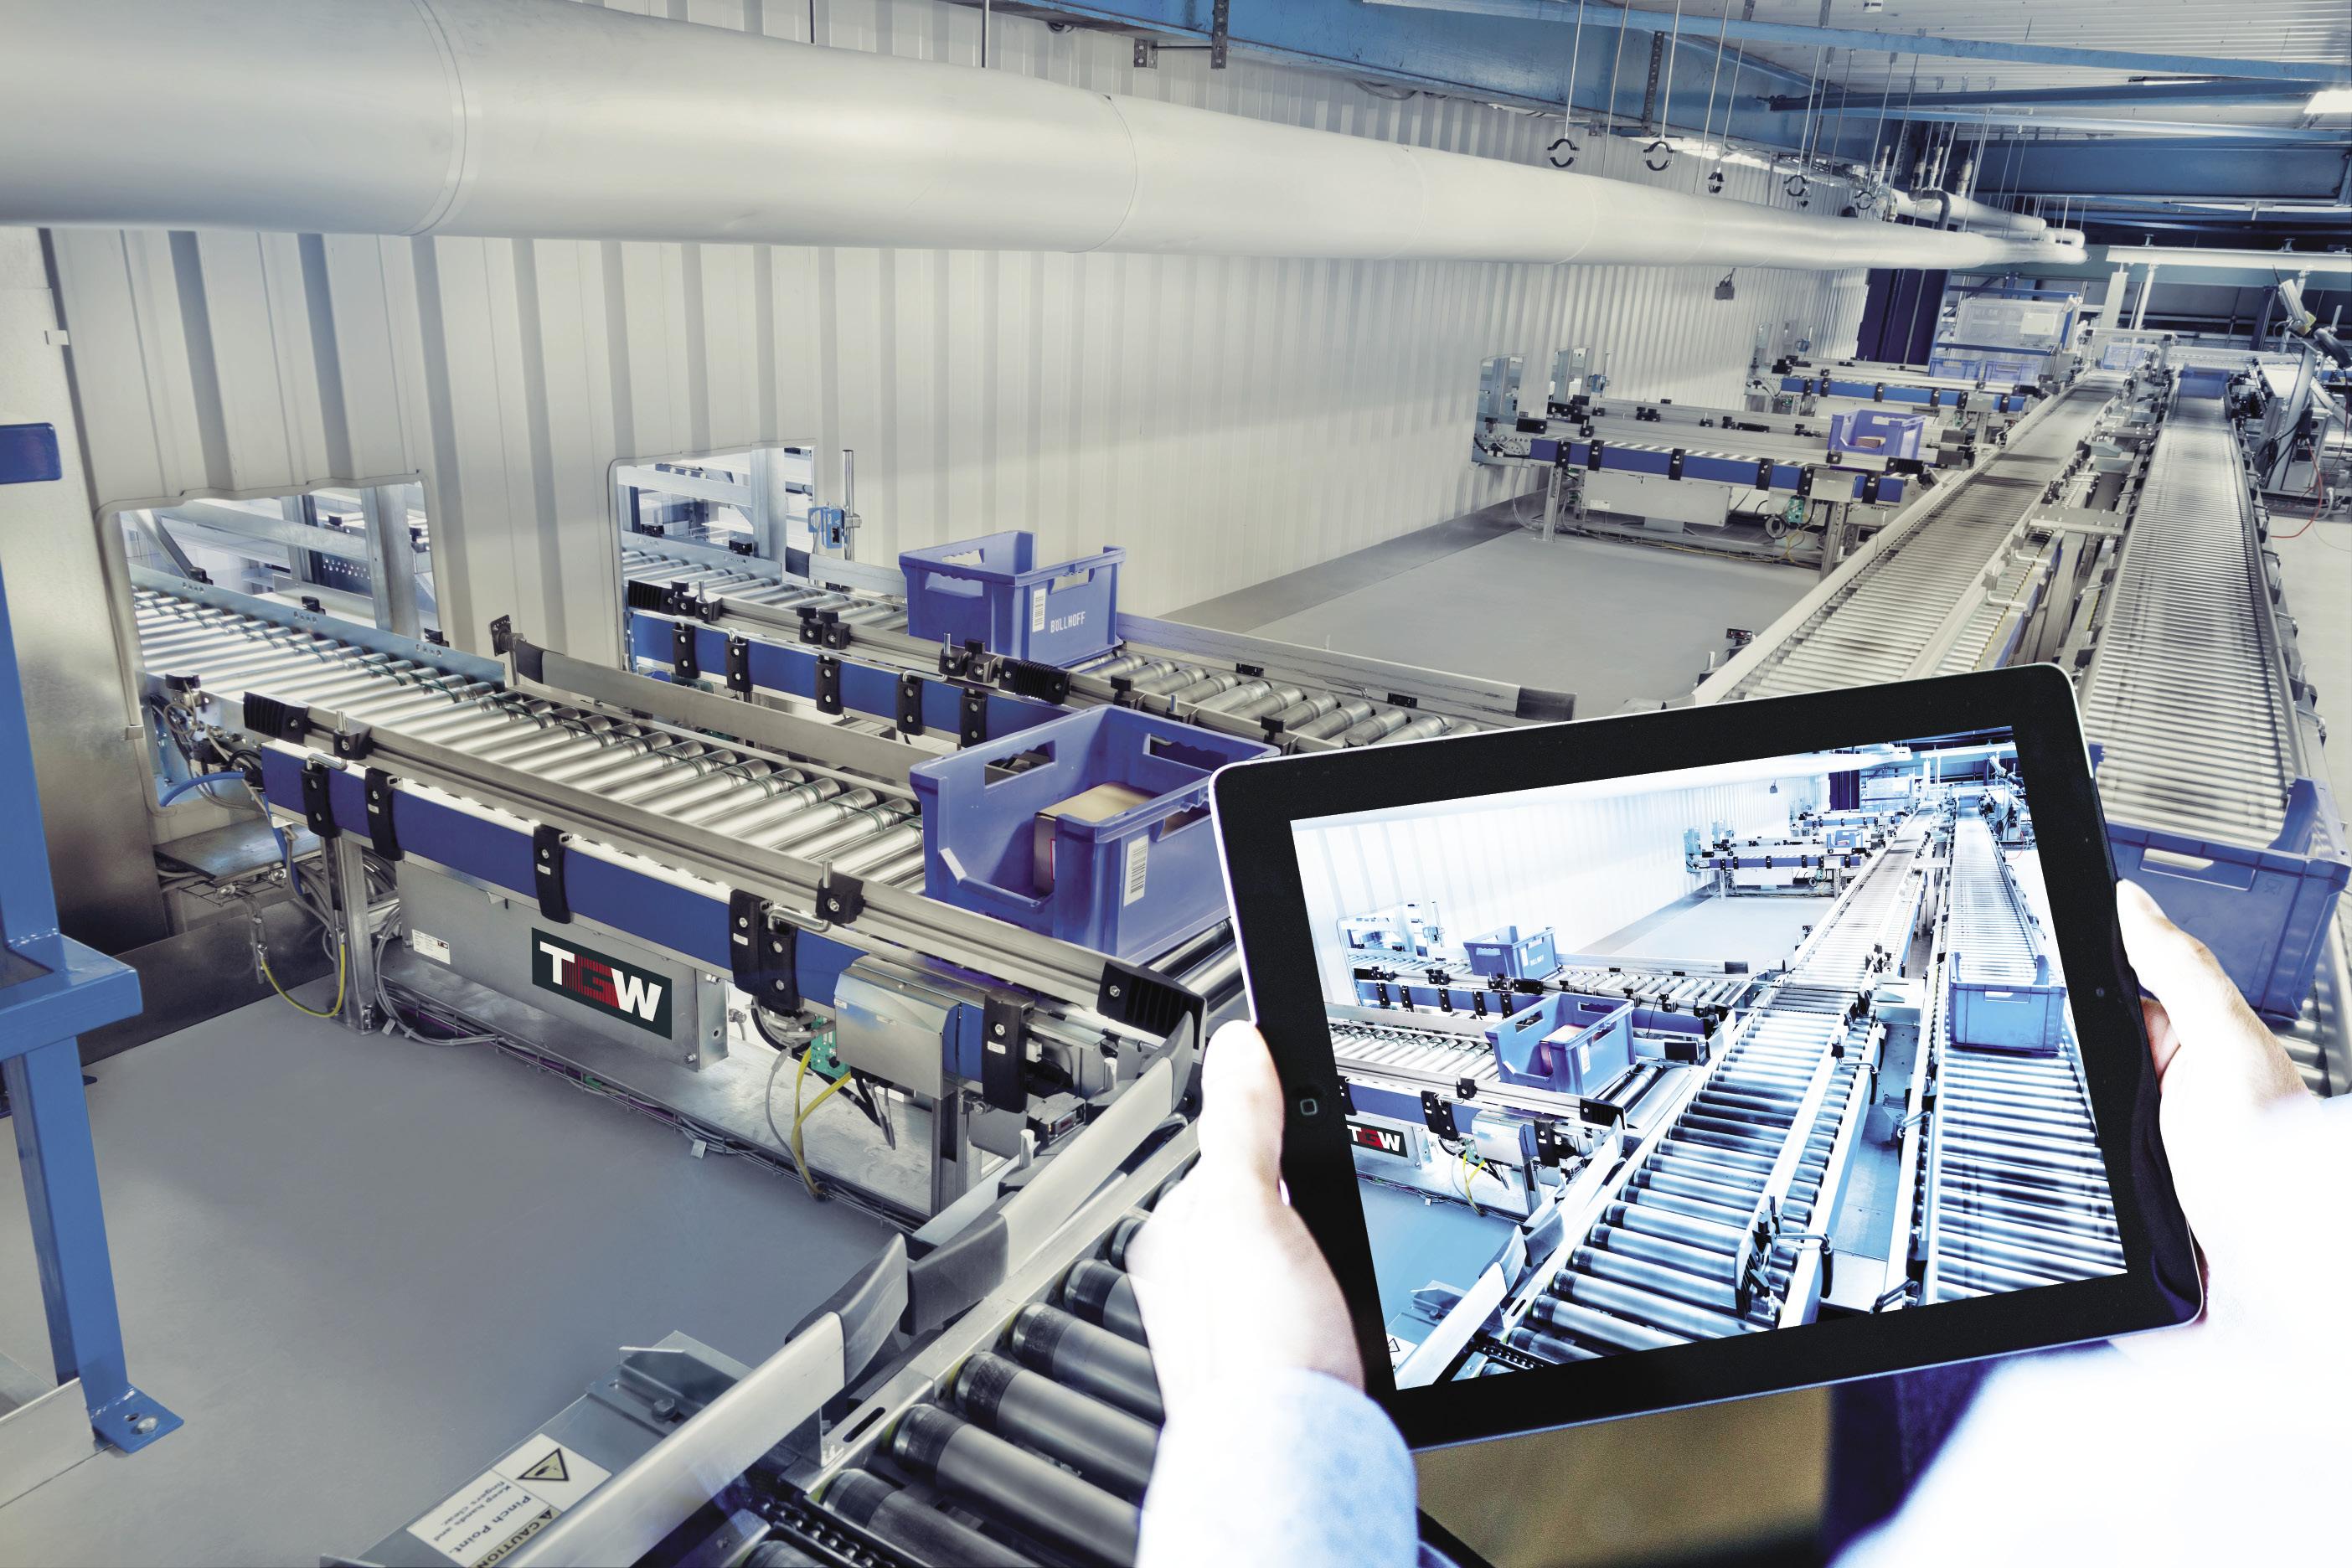 La nuova industria: intelligenza artificiale e nuove tecnologie